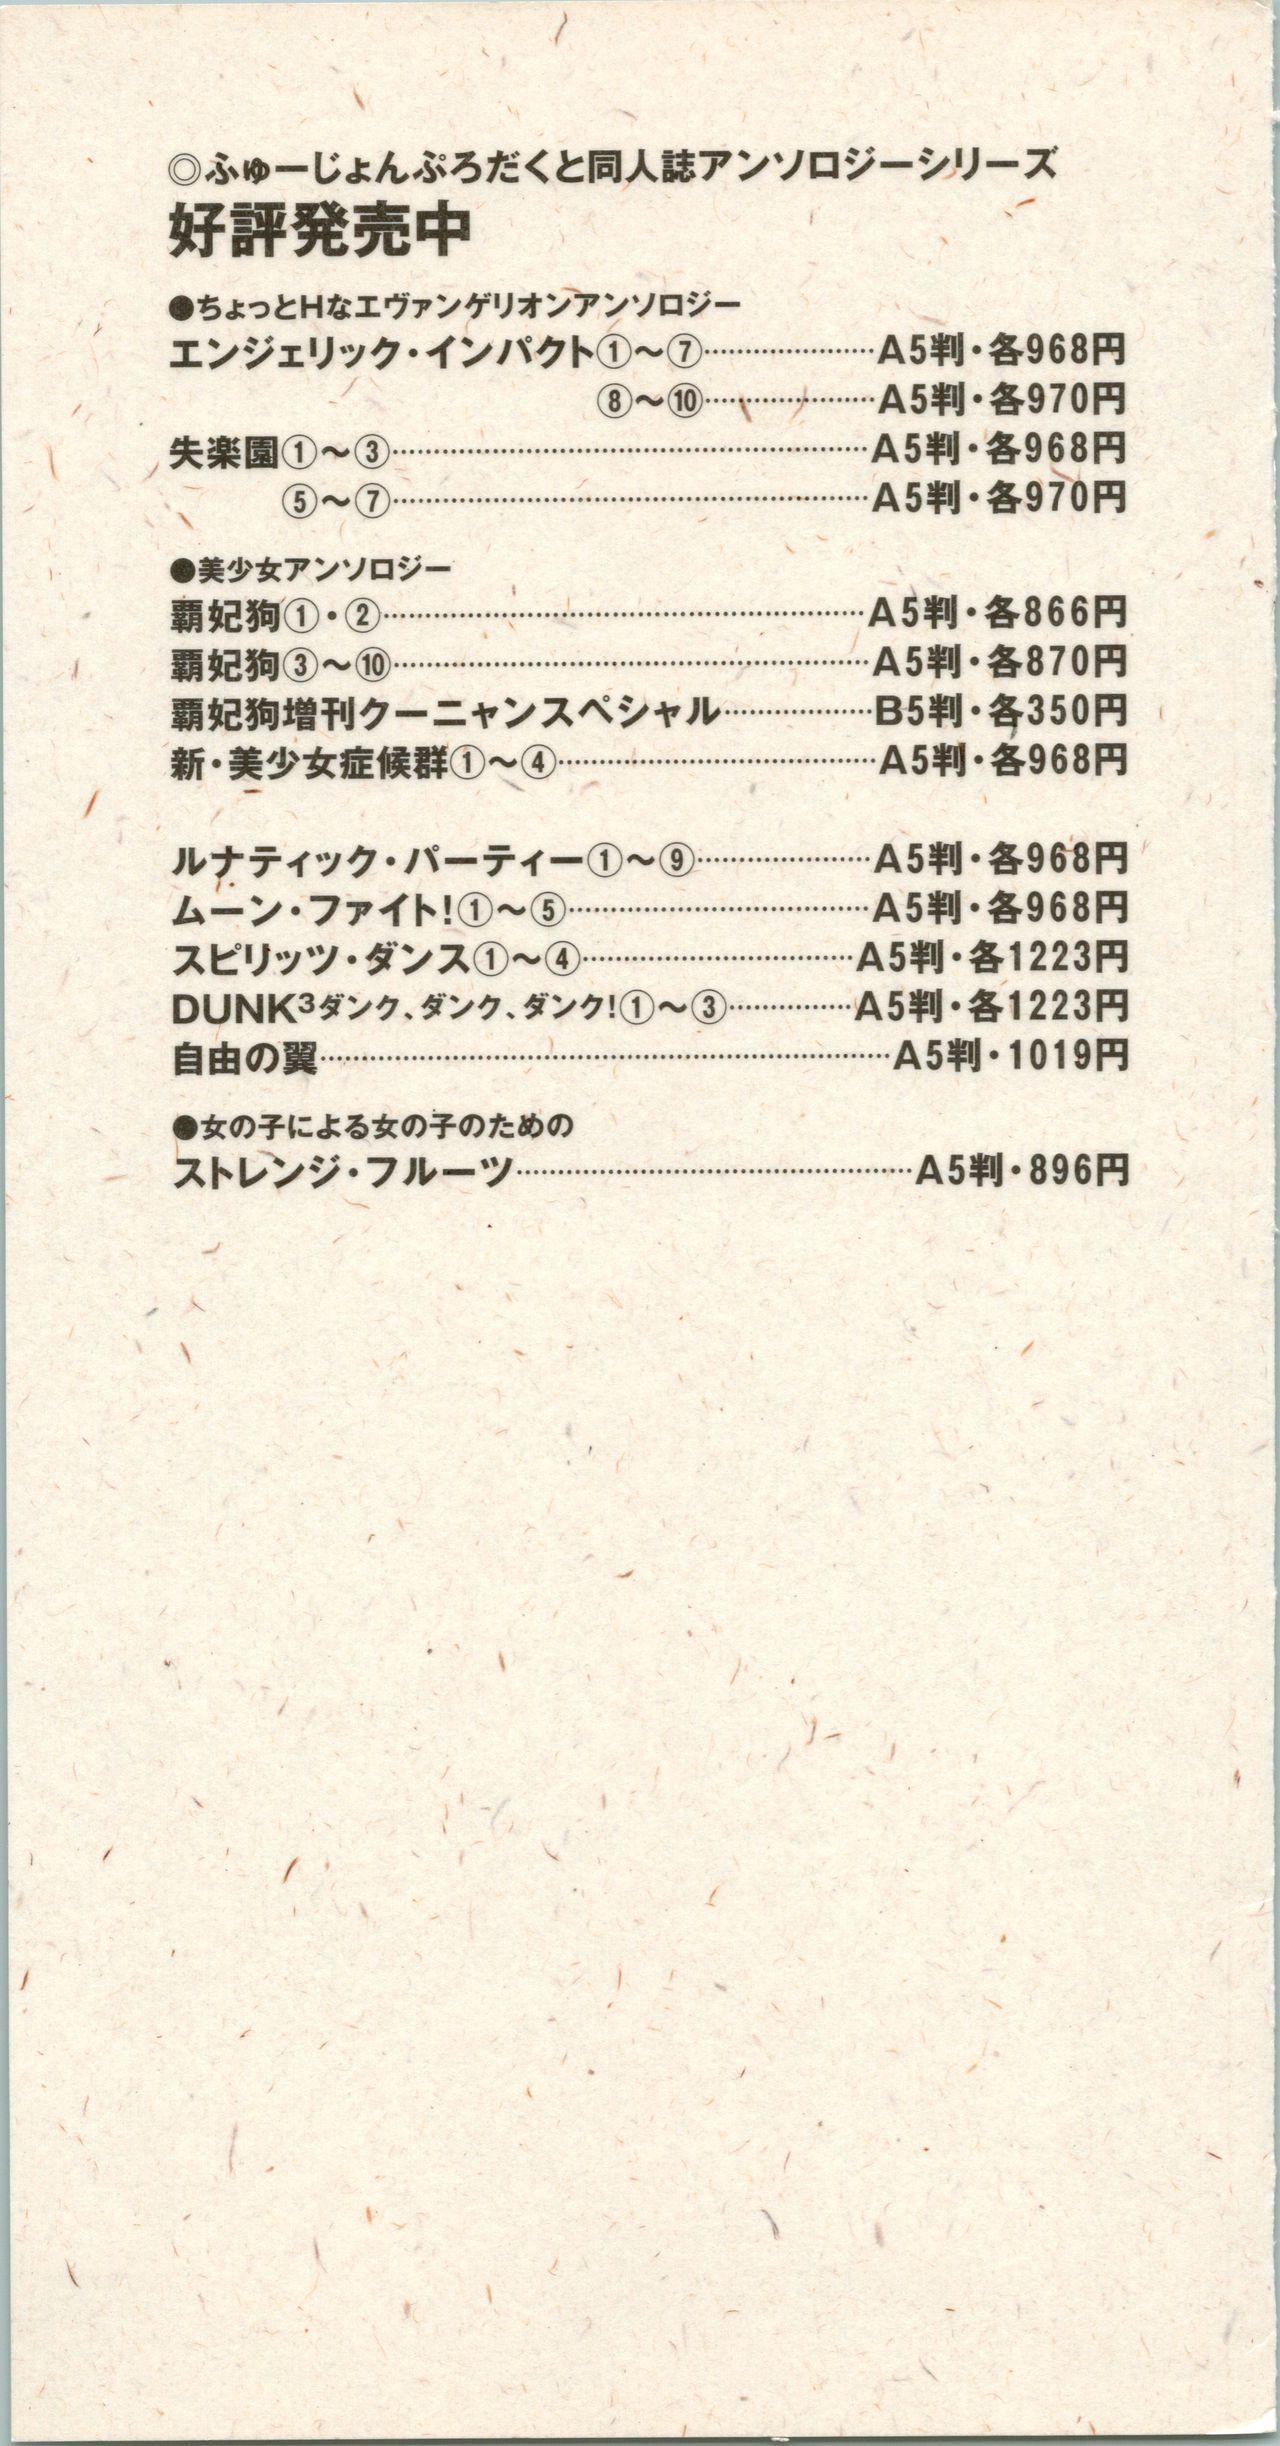 Shin Bishoujo Shoukougun 5 Fukkatsu hen 1